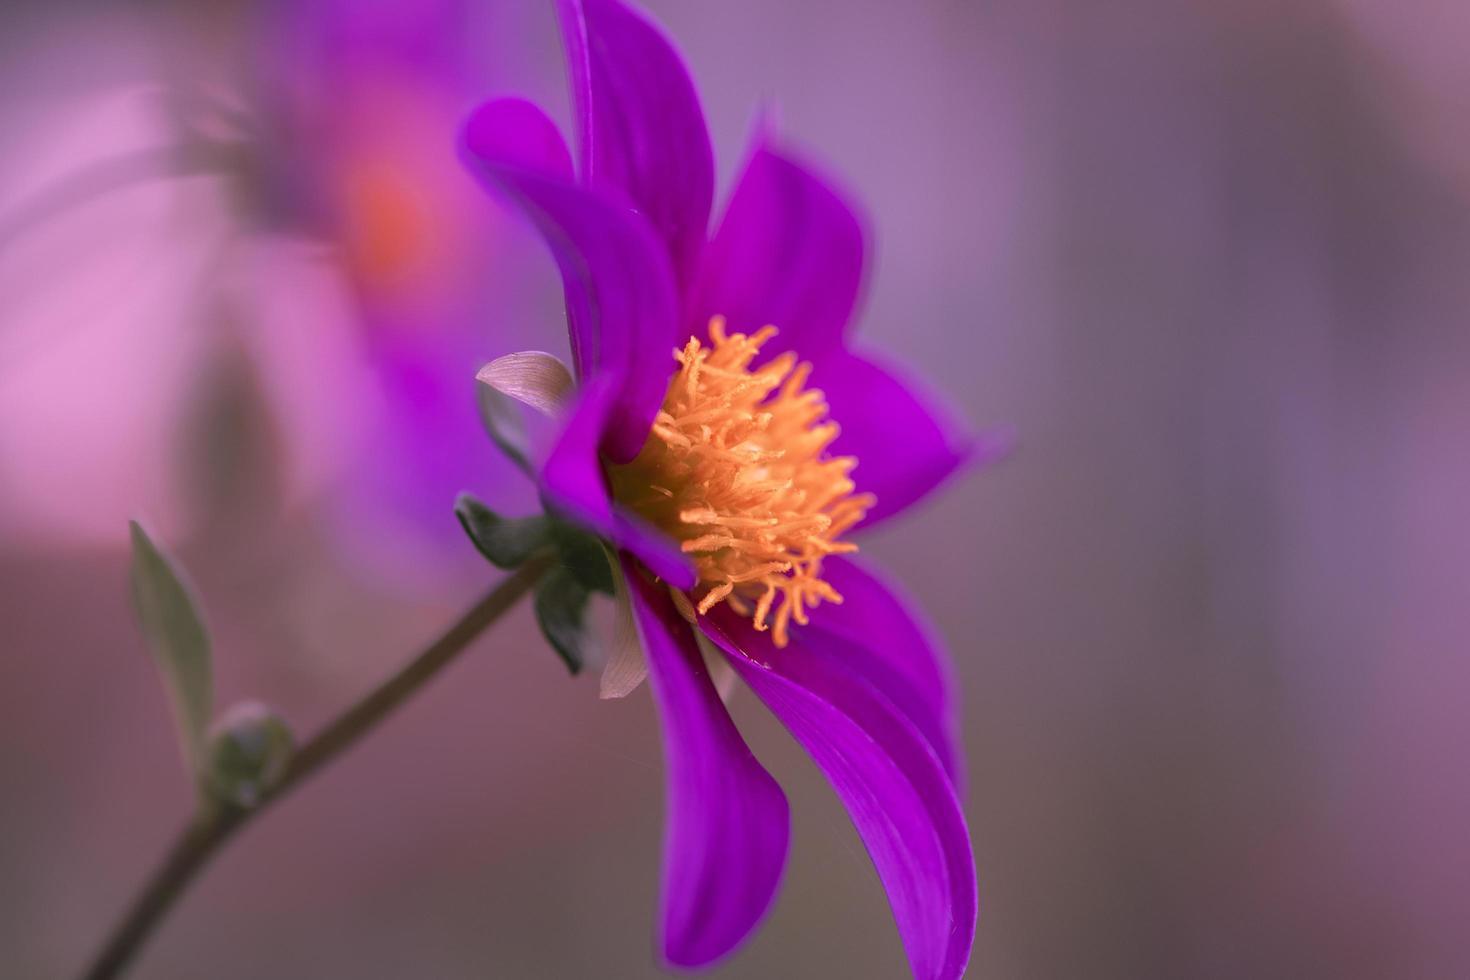 bellissimo fiore viola e giallo foto